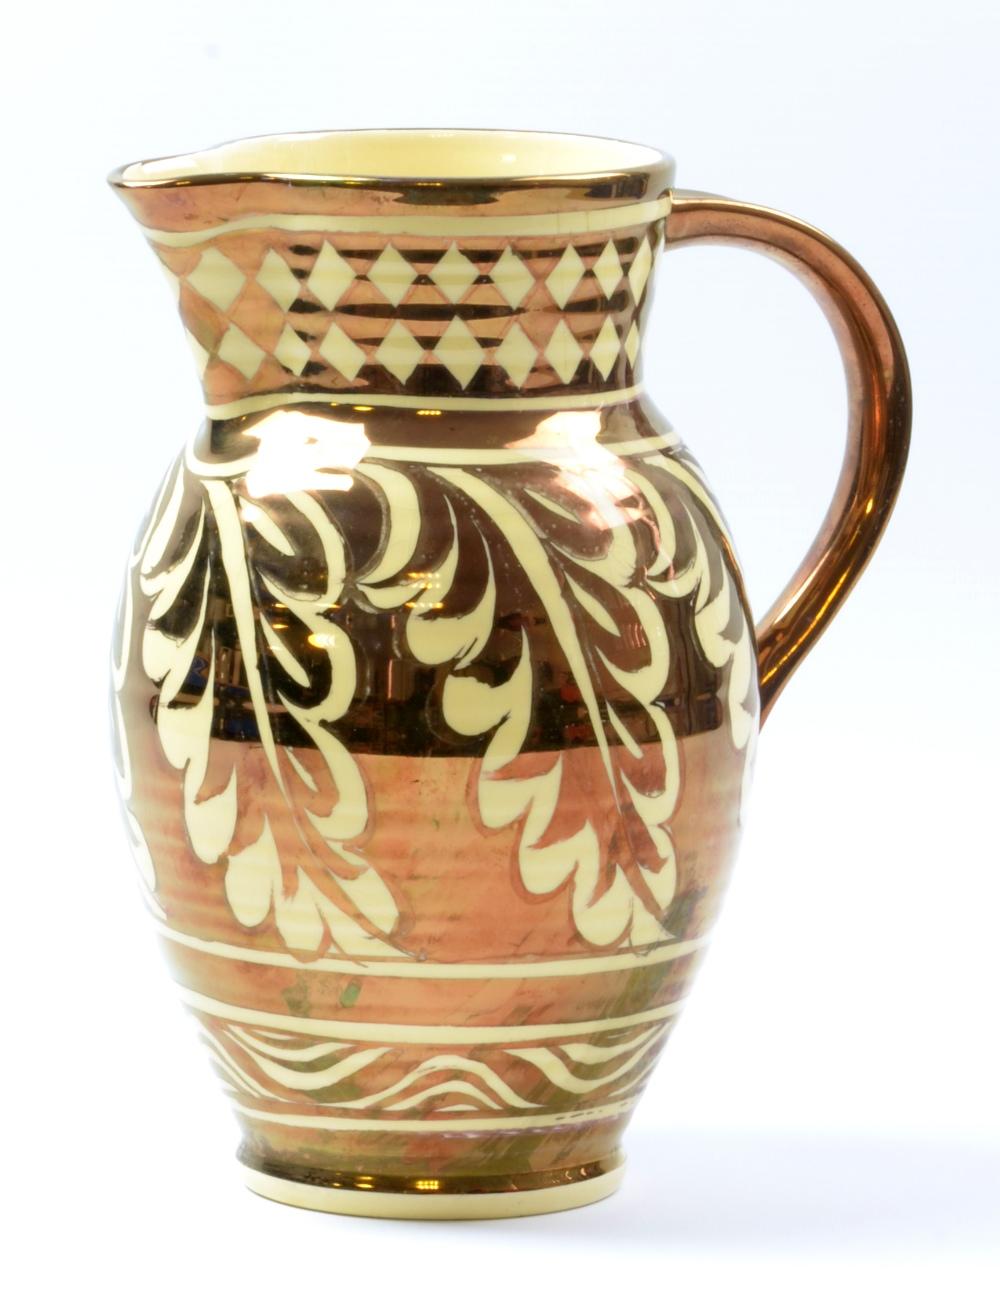 Lot 6 - GORDON FORSYTH (1879-1952); awhite earthenware jug, copper lustre oak leaf decoration on honey